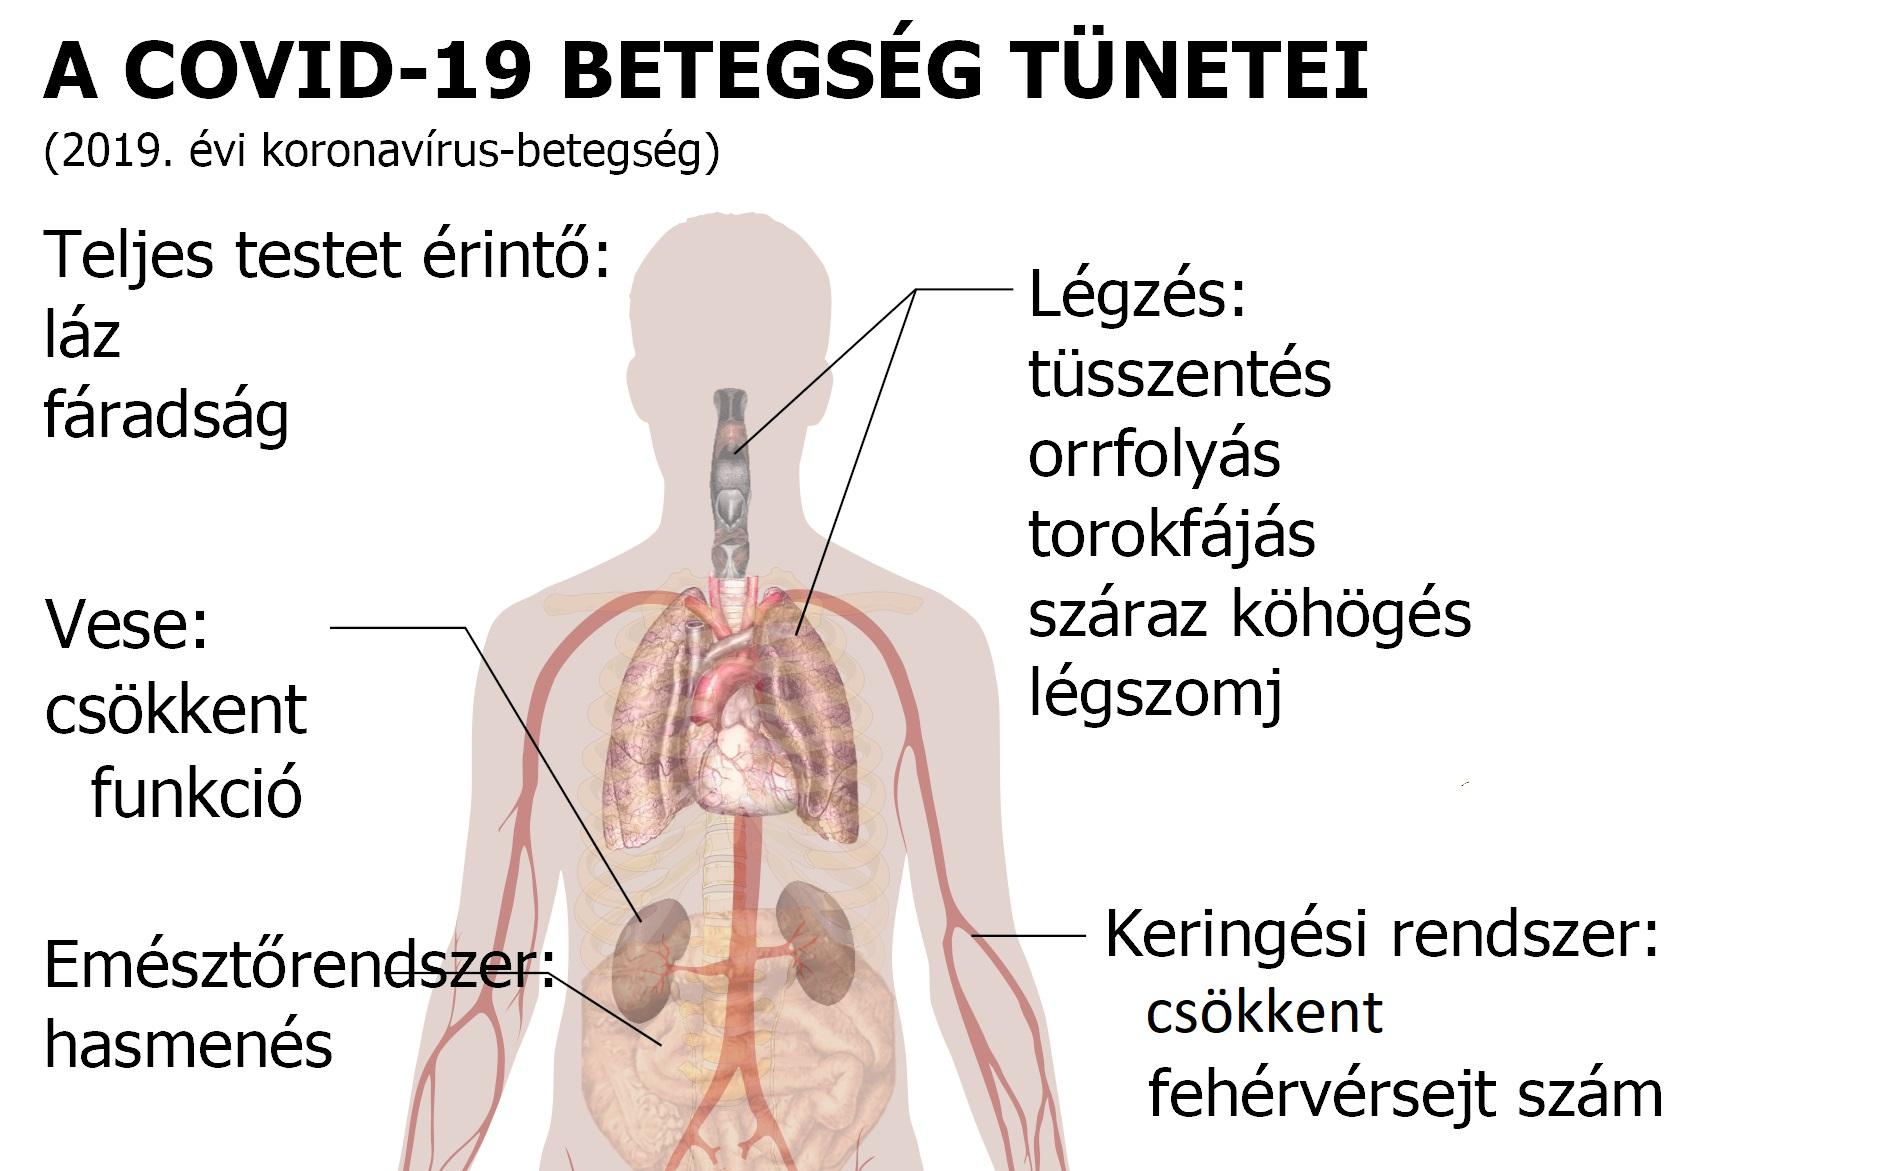 Paraziták tünetei a fejben. A Magyarországon előforduló féregfertőzések